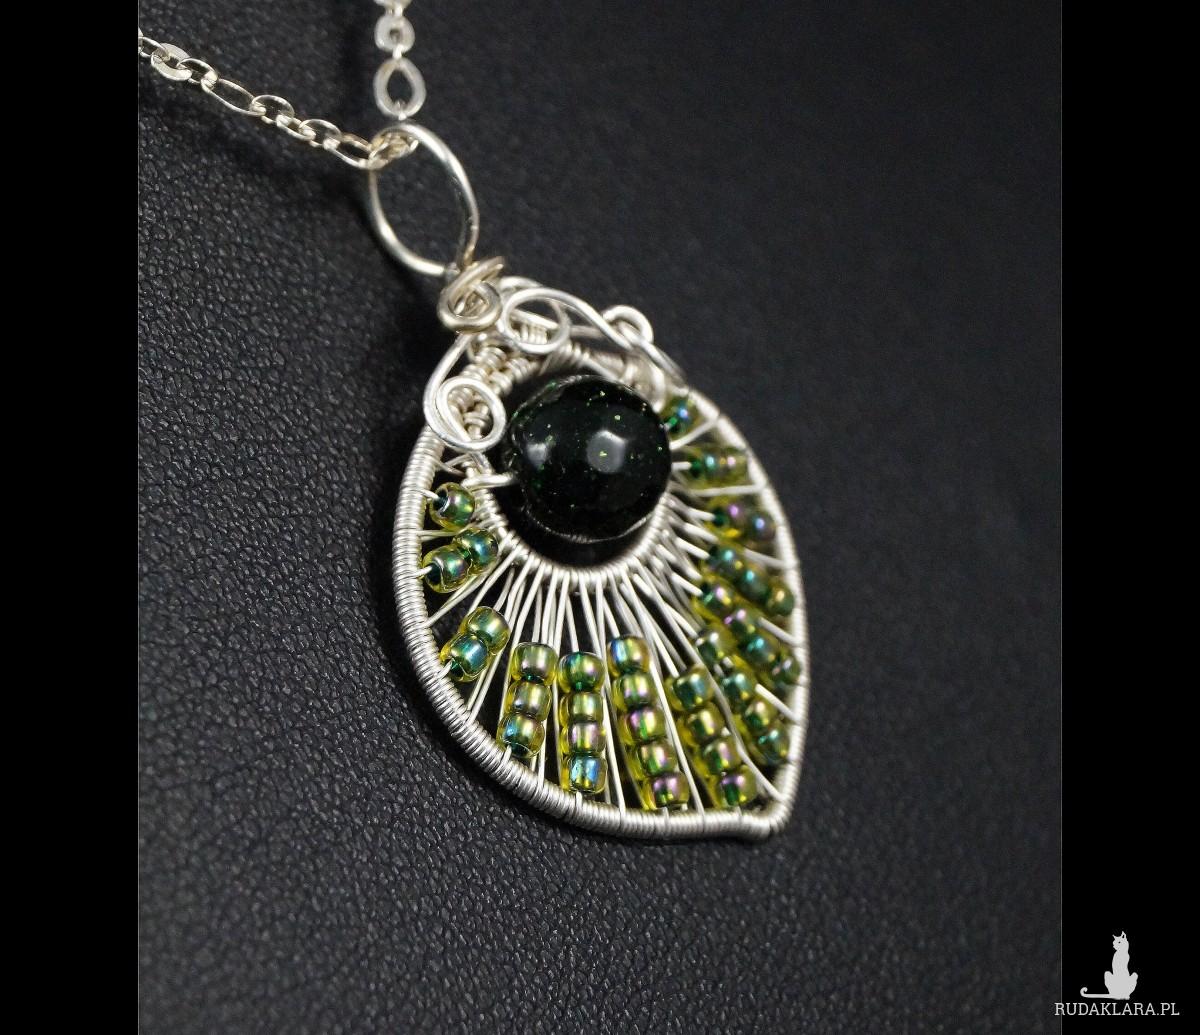 Szmaragd Nilu, Srebrny wisiorek w kształcie listka ze szmaragdem nilowym i szklanymi kulkami, ręcznie wykonany, prezent dla niej, biżuteria